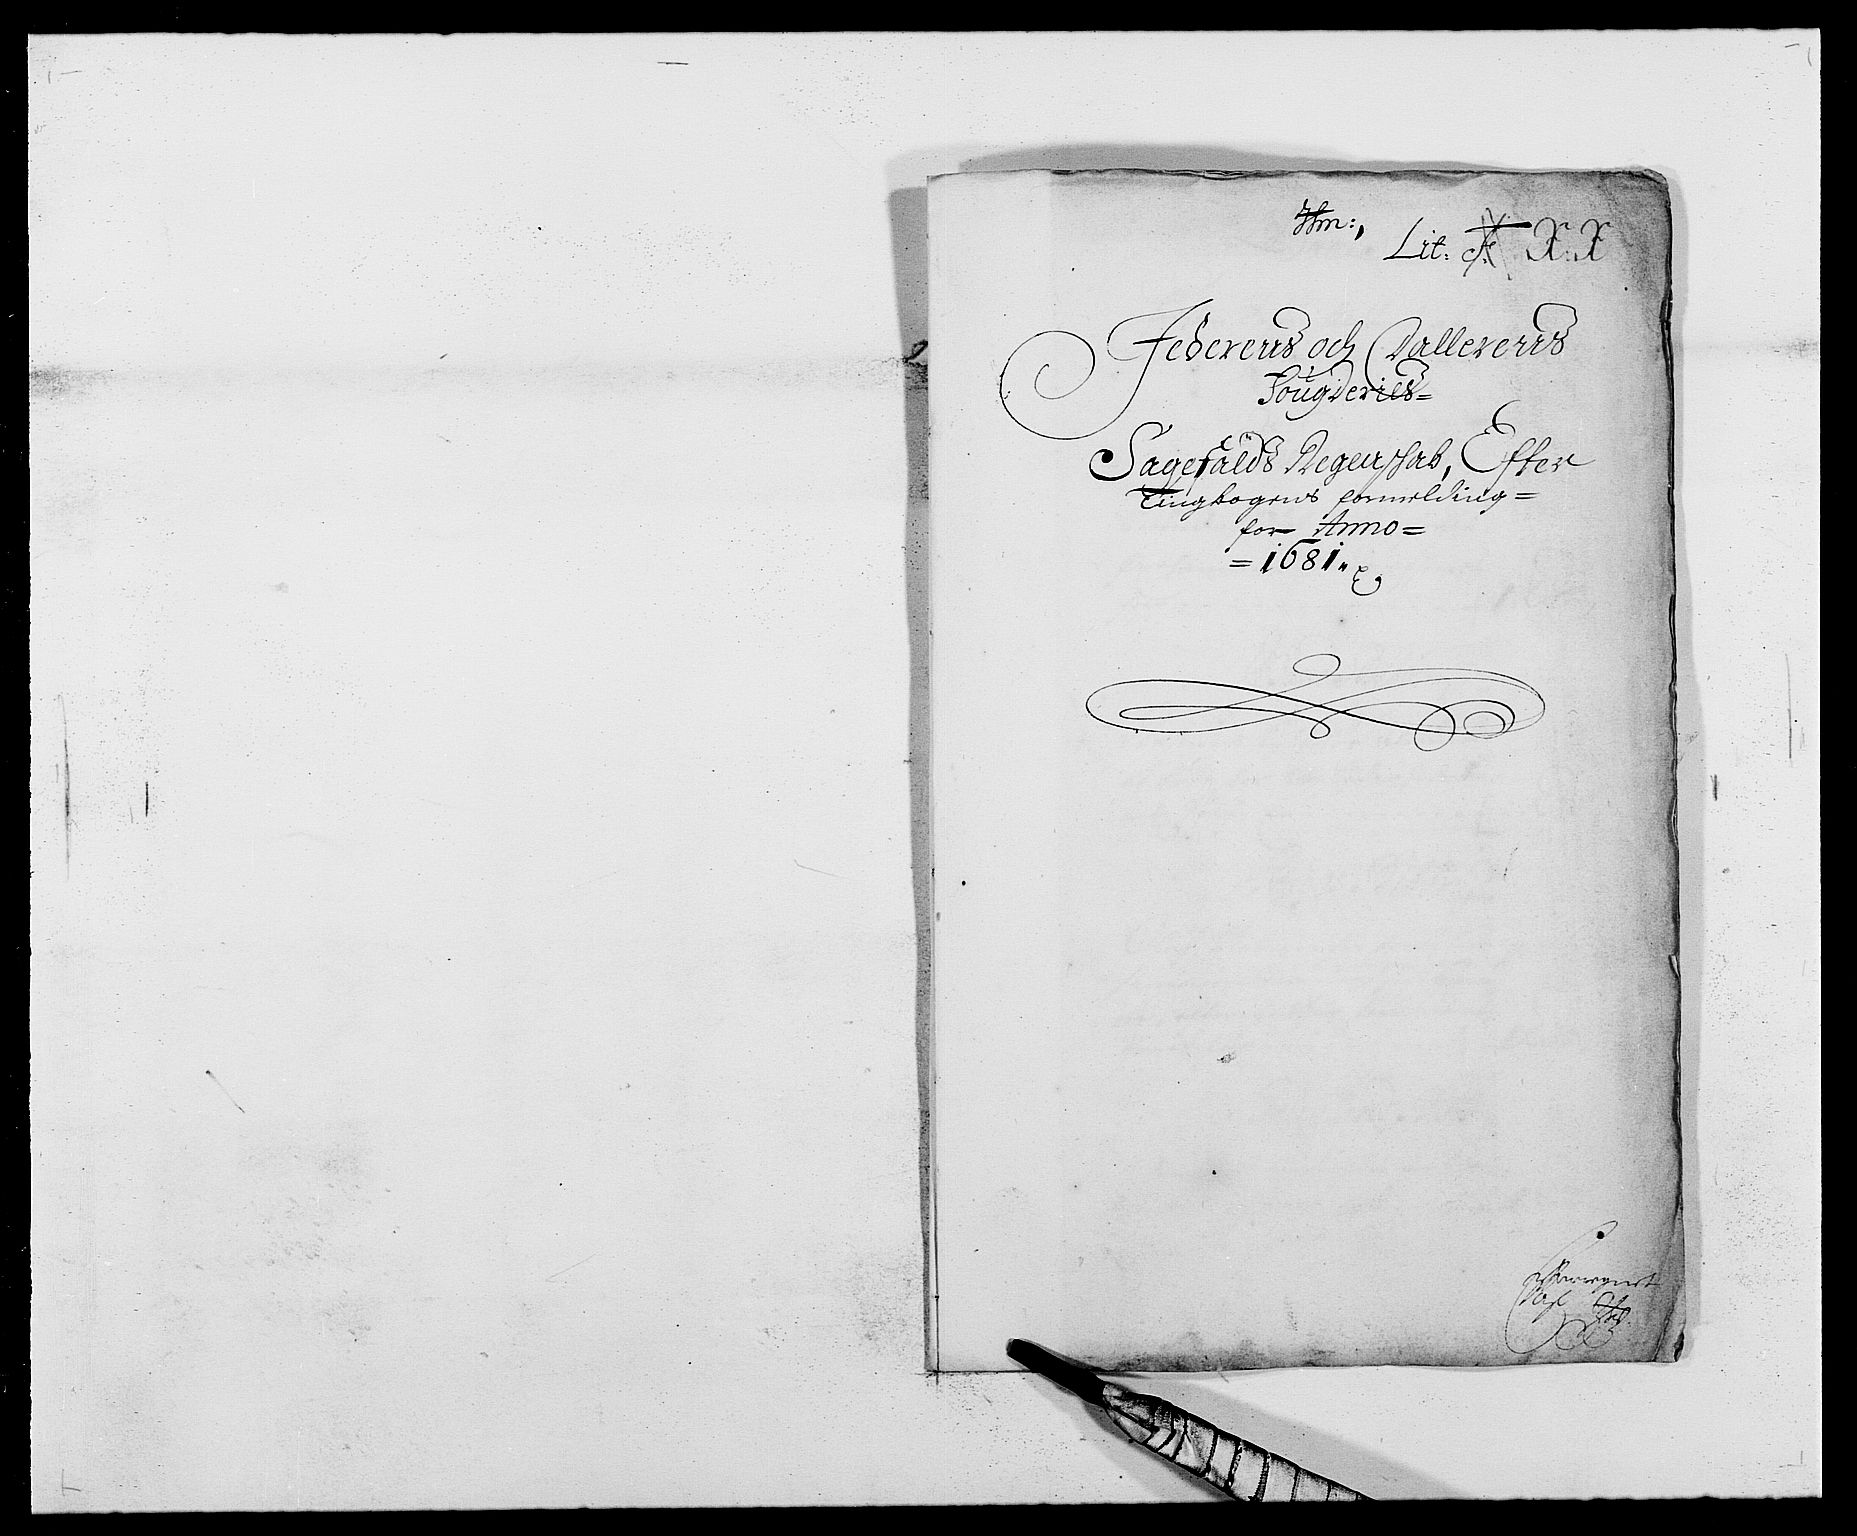 RA, Rentekammeret inntil 1814, Reviderte regnskaper, Fogderegnskap, R46/L2722: Fogderegnskap Jæren og Dalane, 1681, s. 147